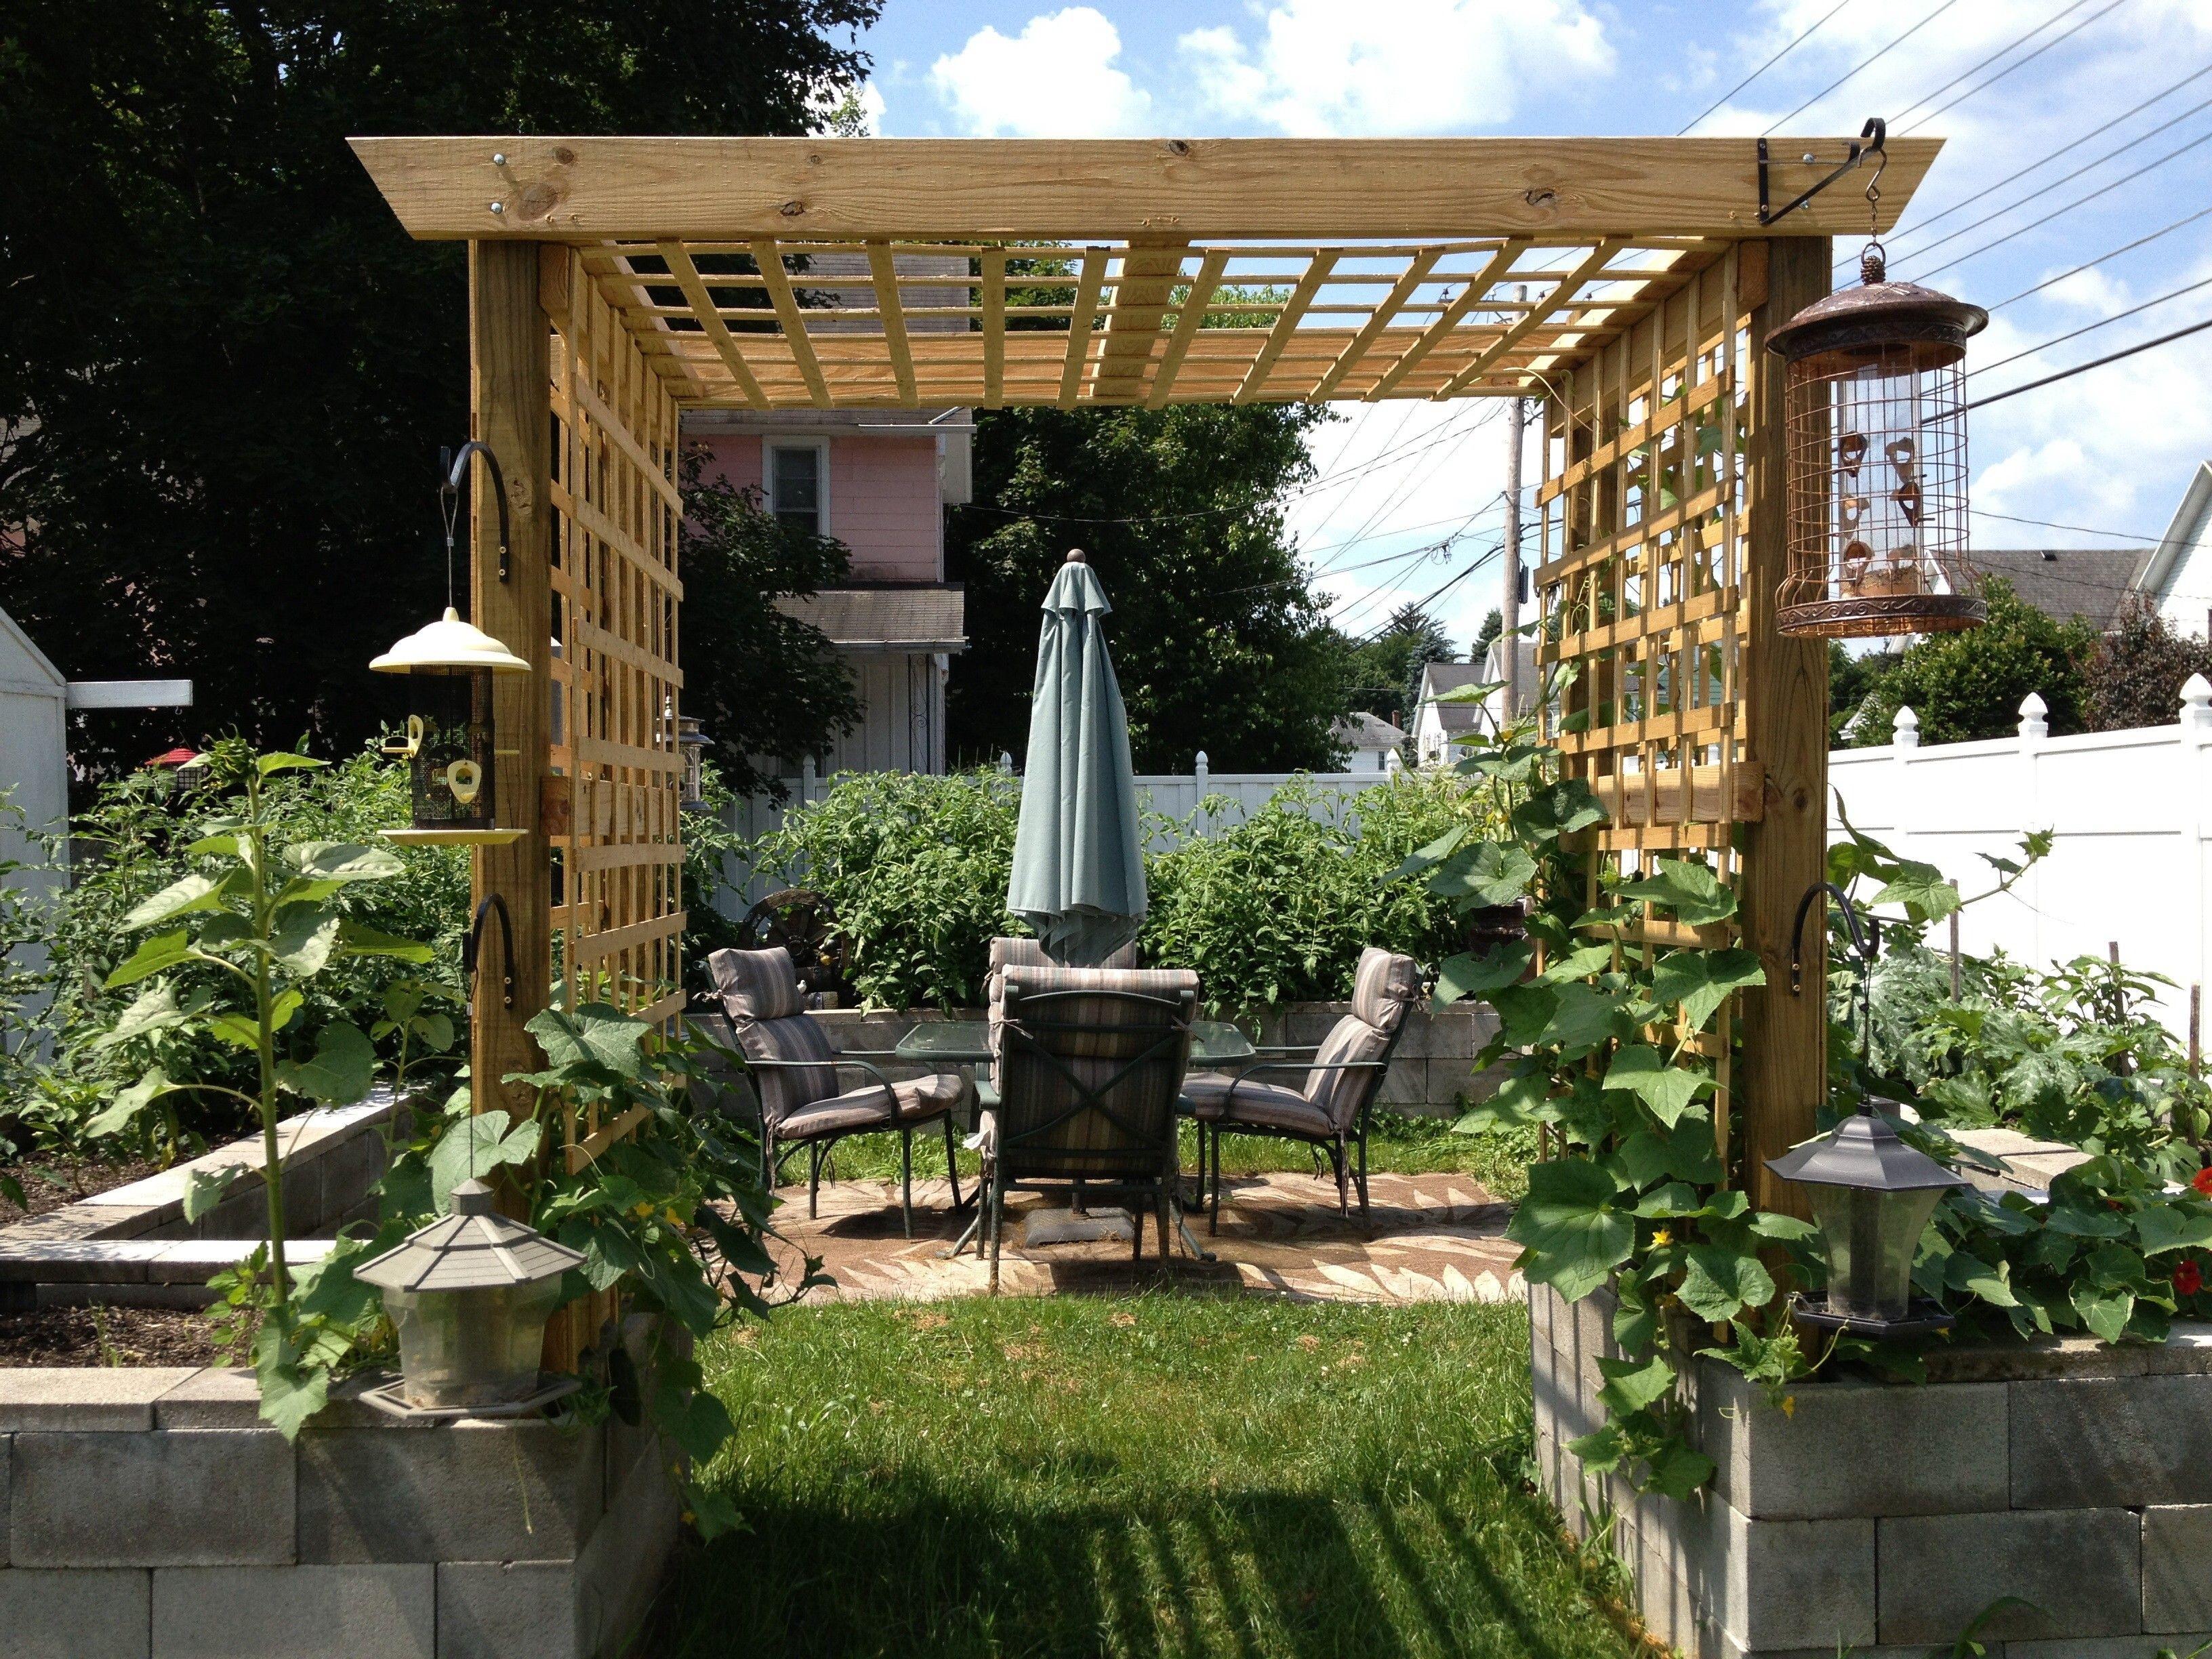 DIY Trellis Ideas for Your Beautiful Garden More